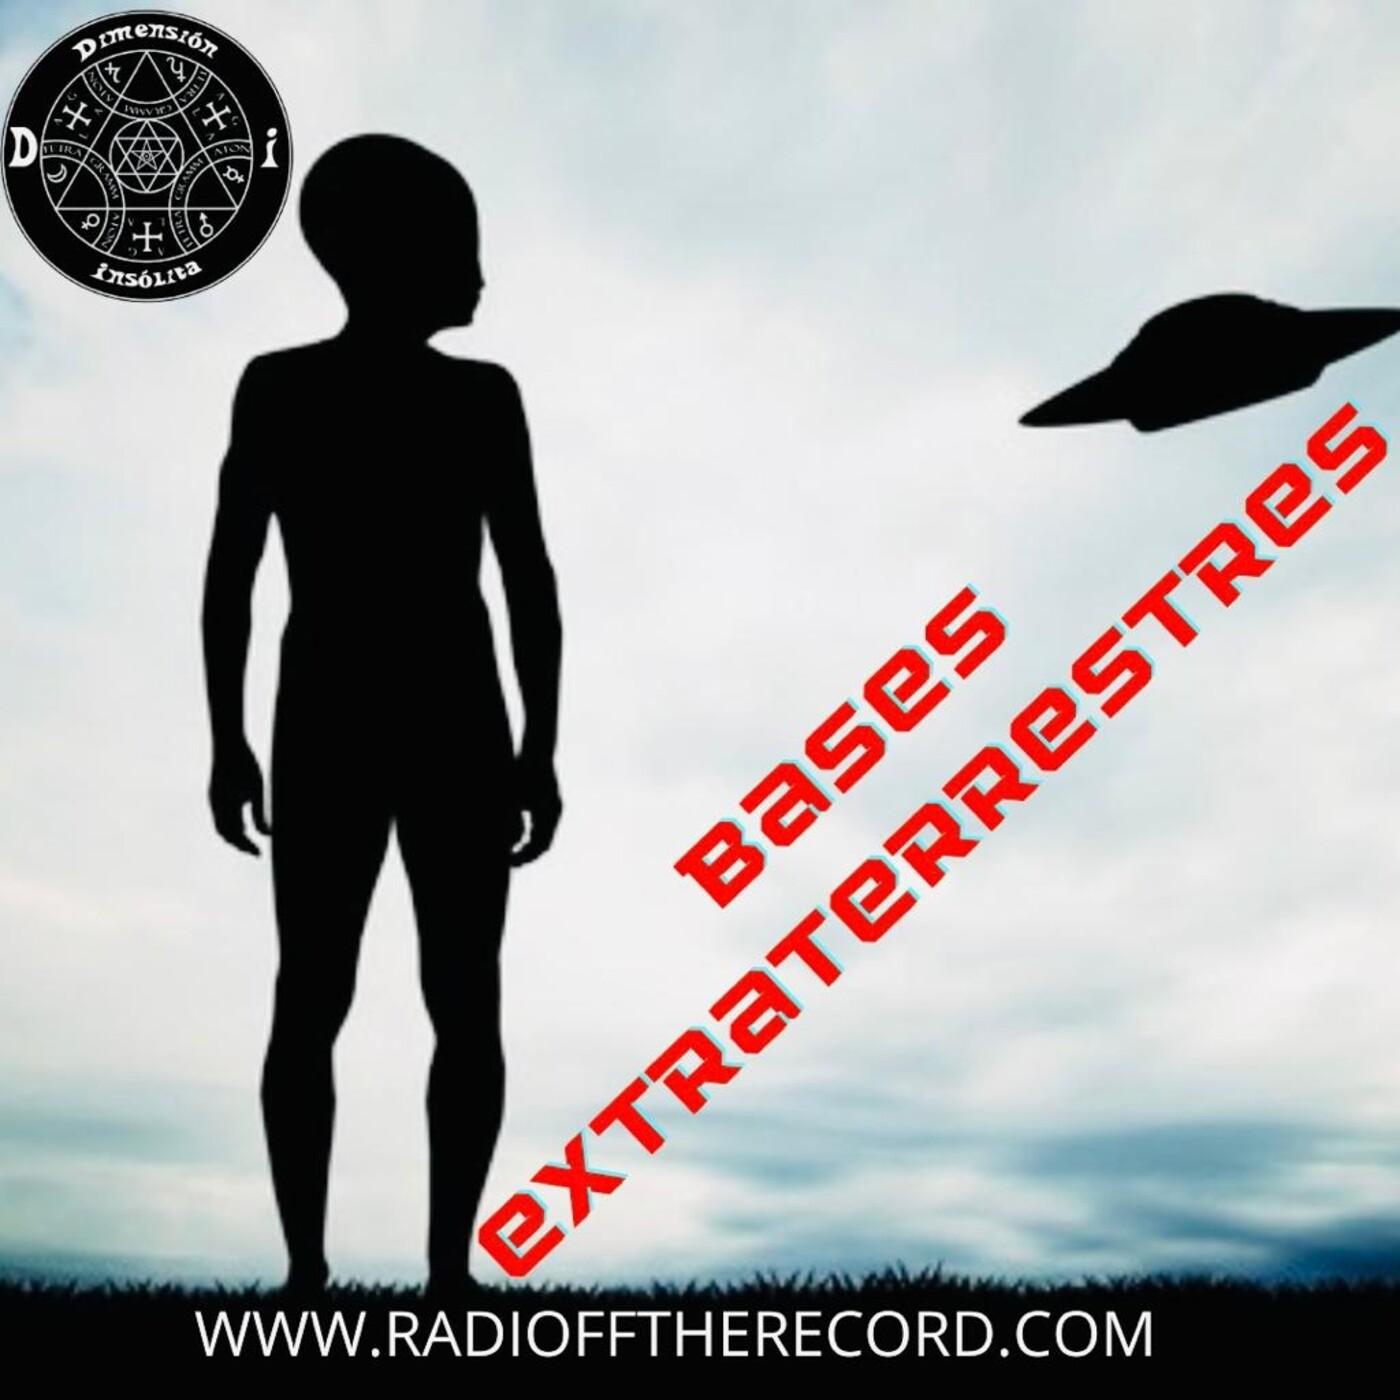 Nuevo programa Dimensión insólita: Bases Extraterrestres